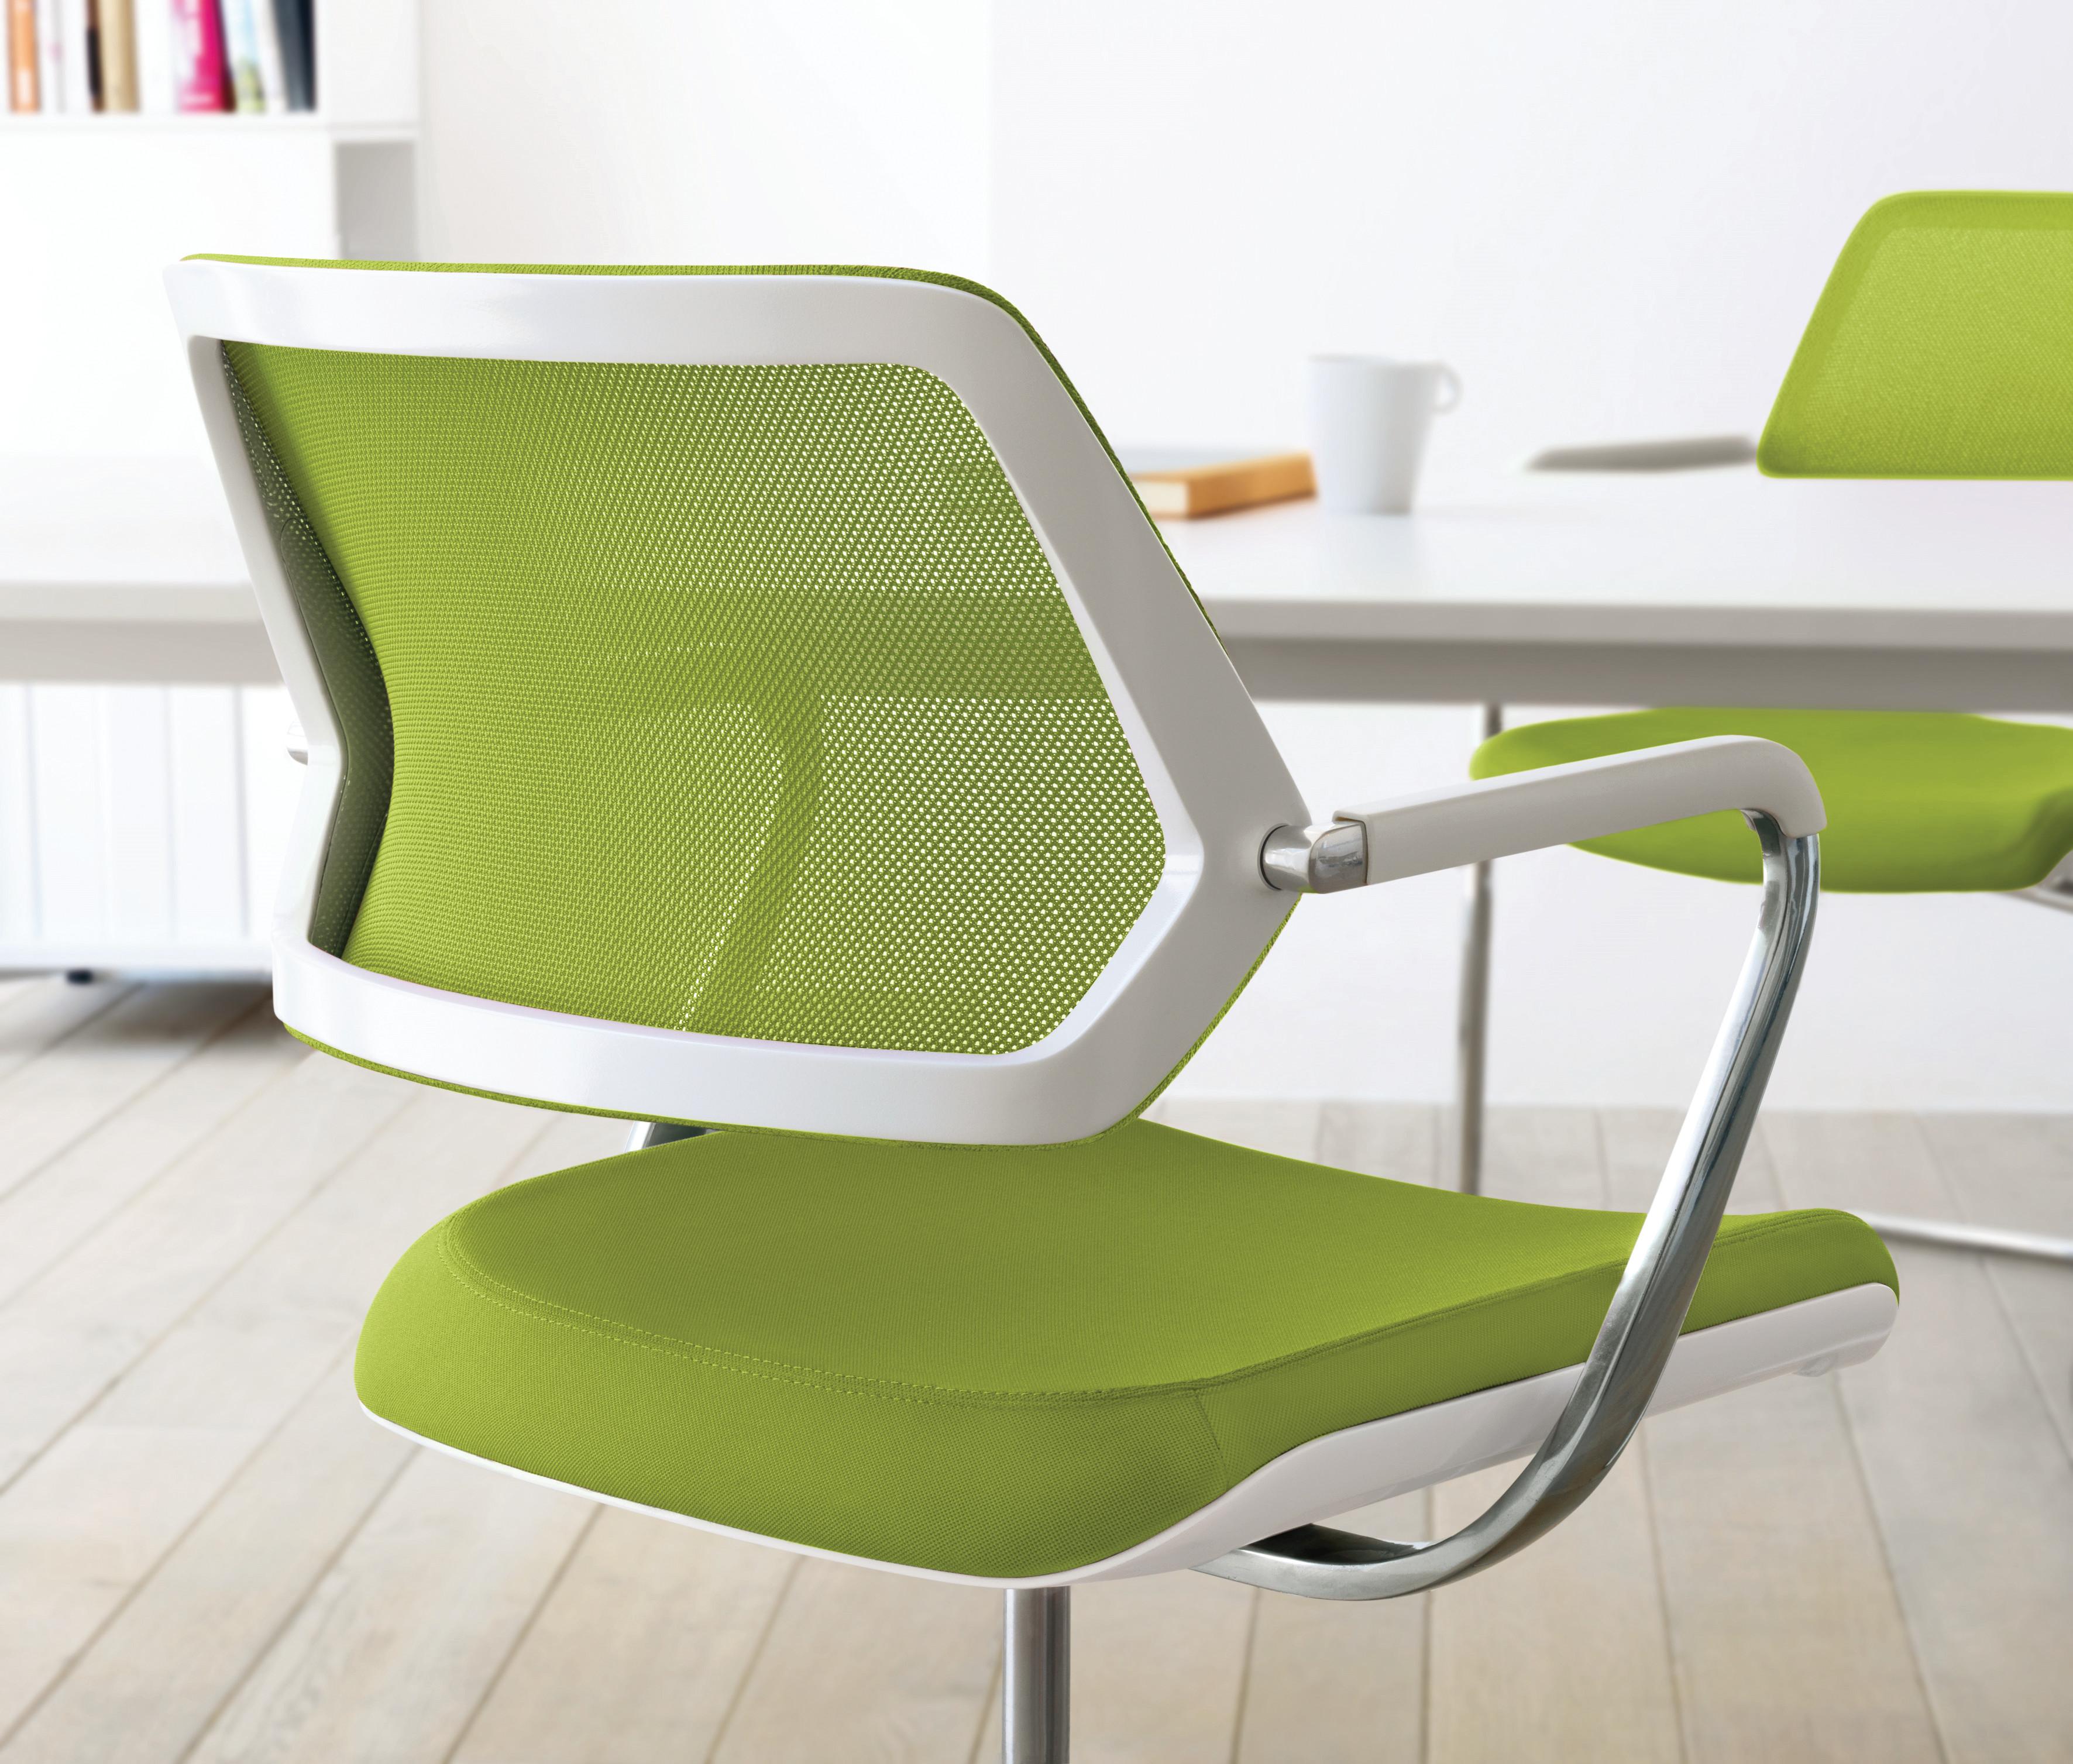 QiVi seating